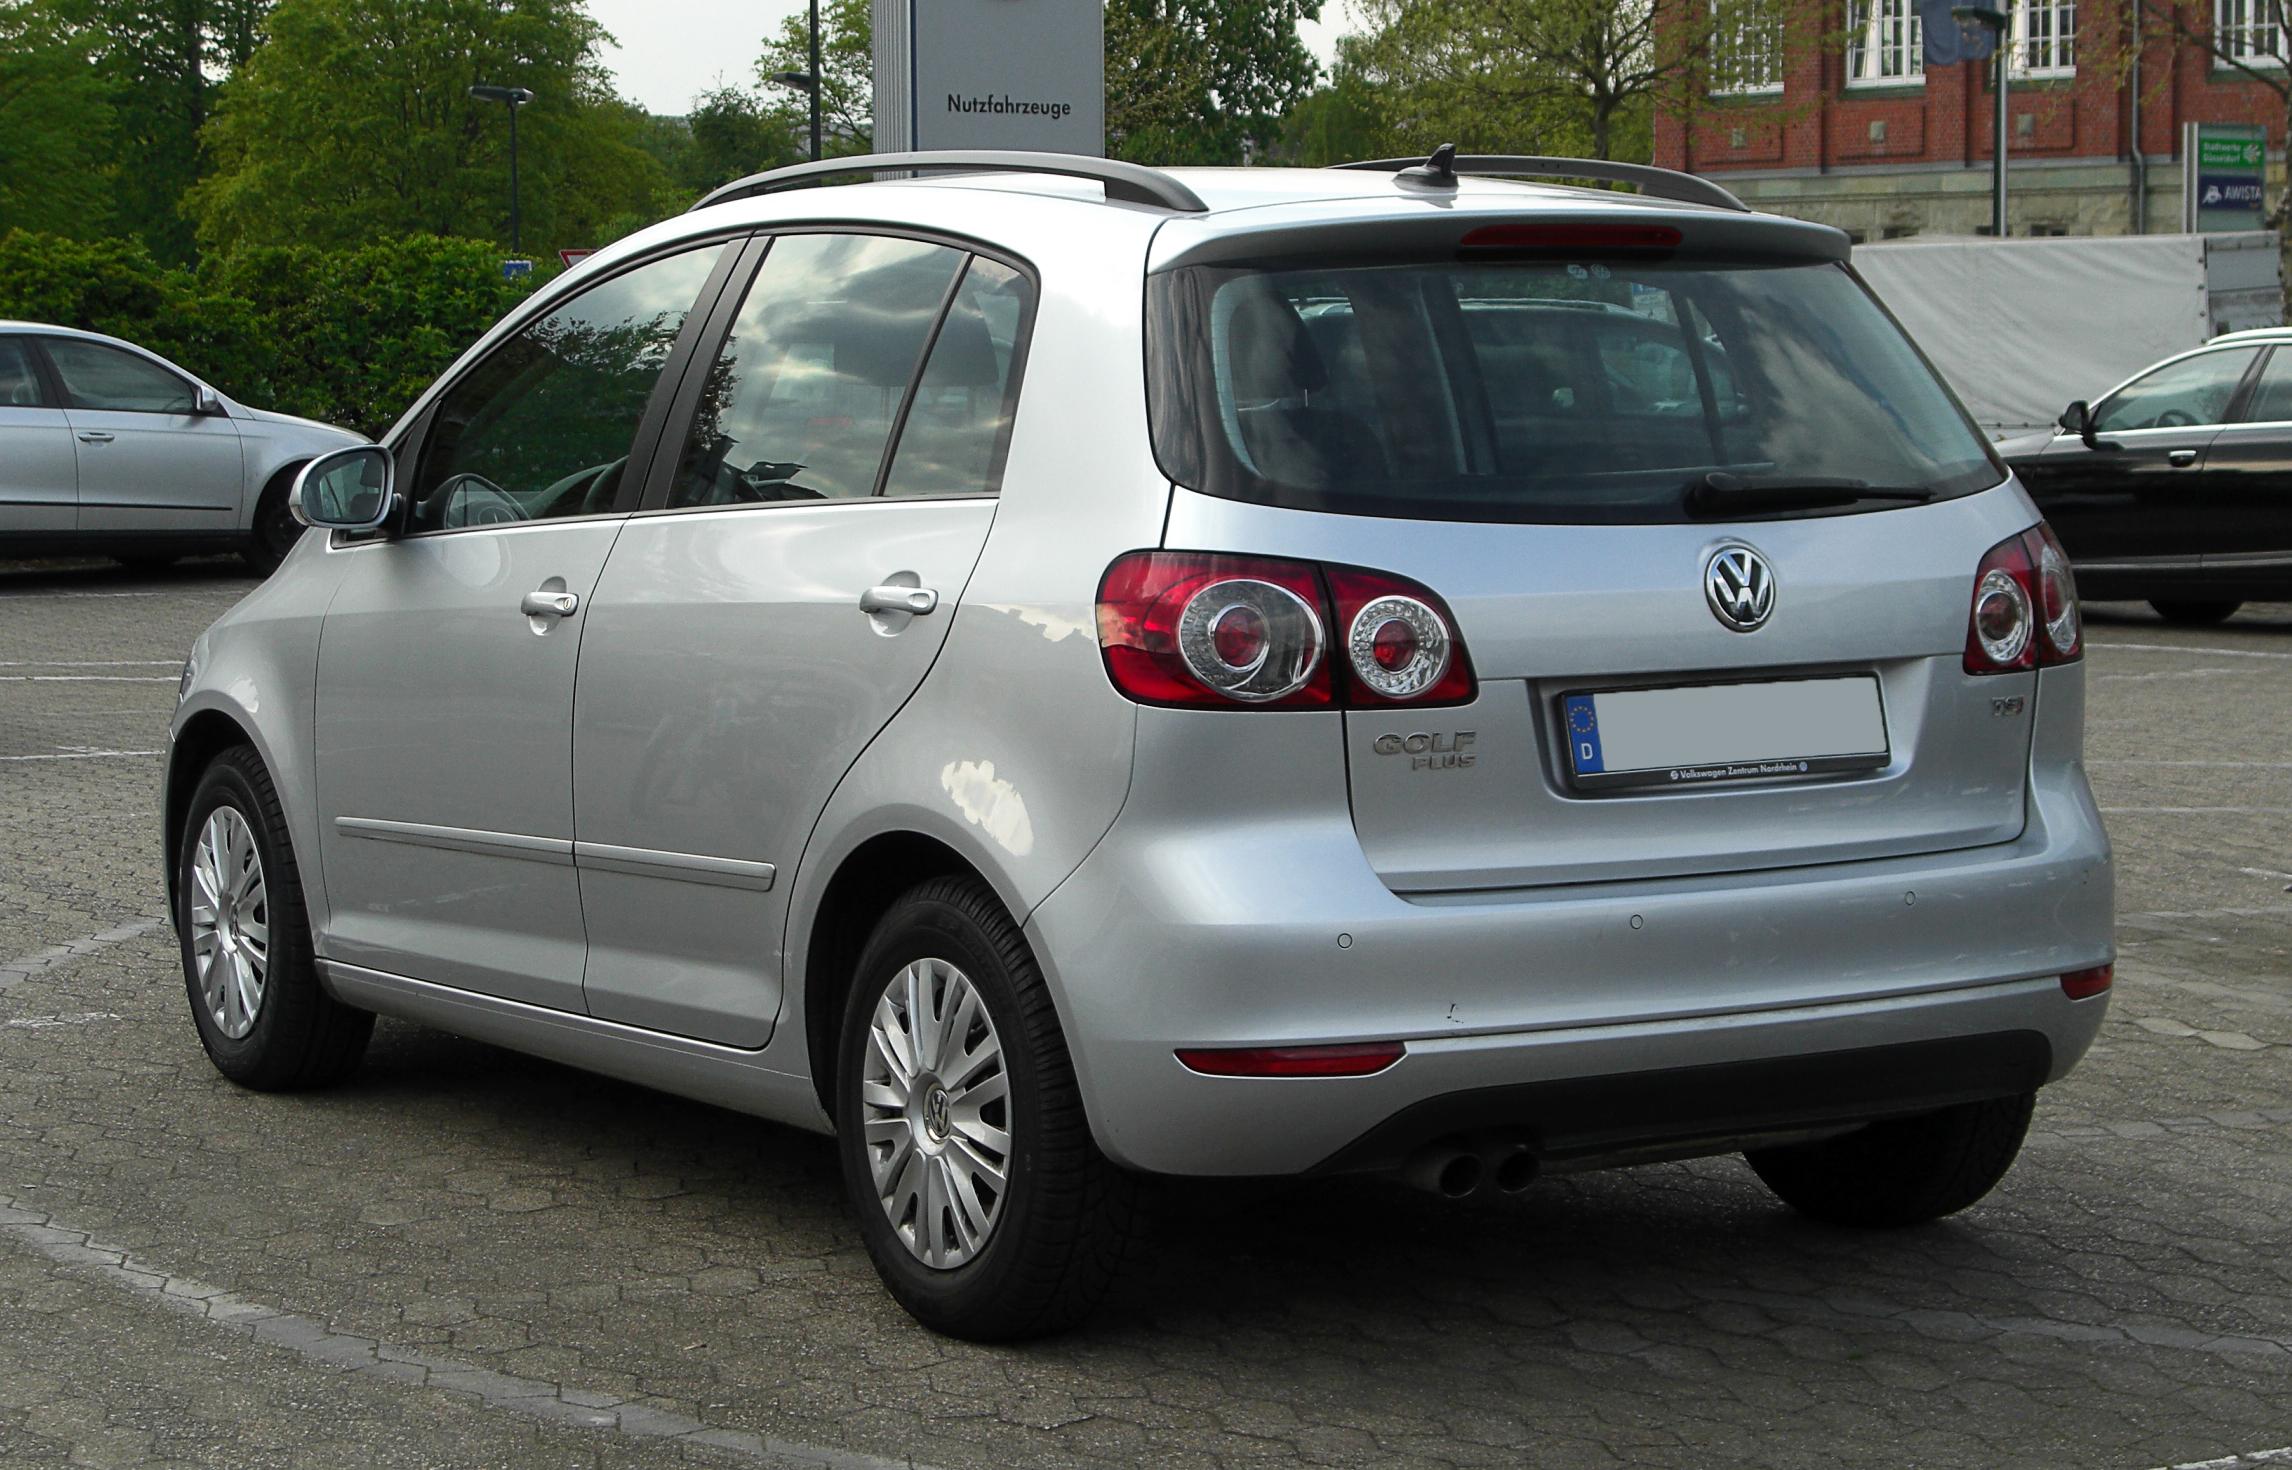 VW Golf Plus 1,4 TSi 122 Comfortline - dba.dk - Køb og